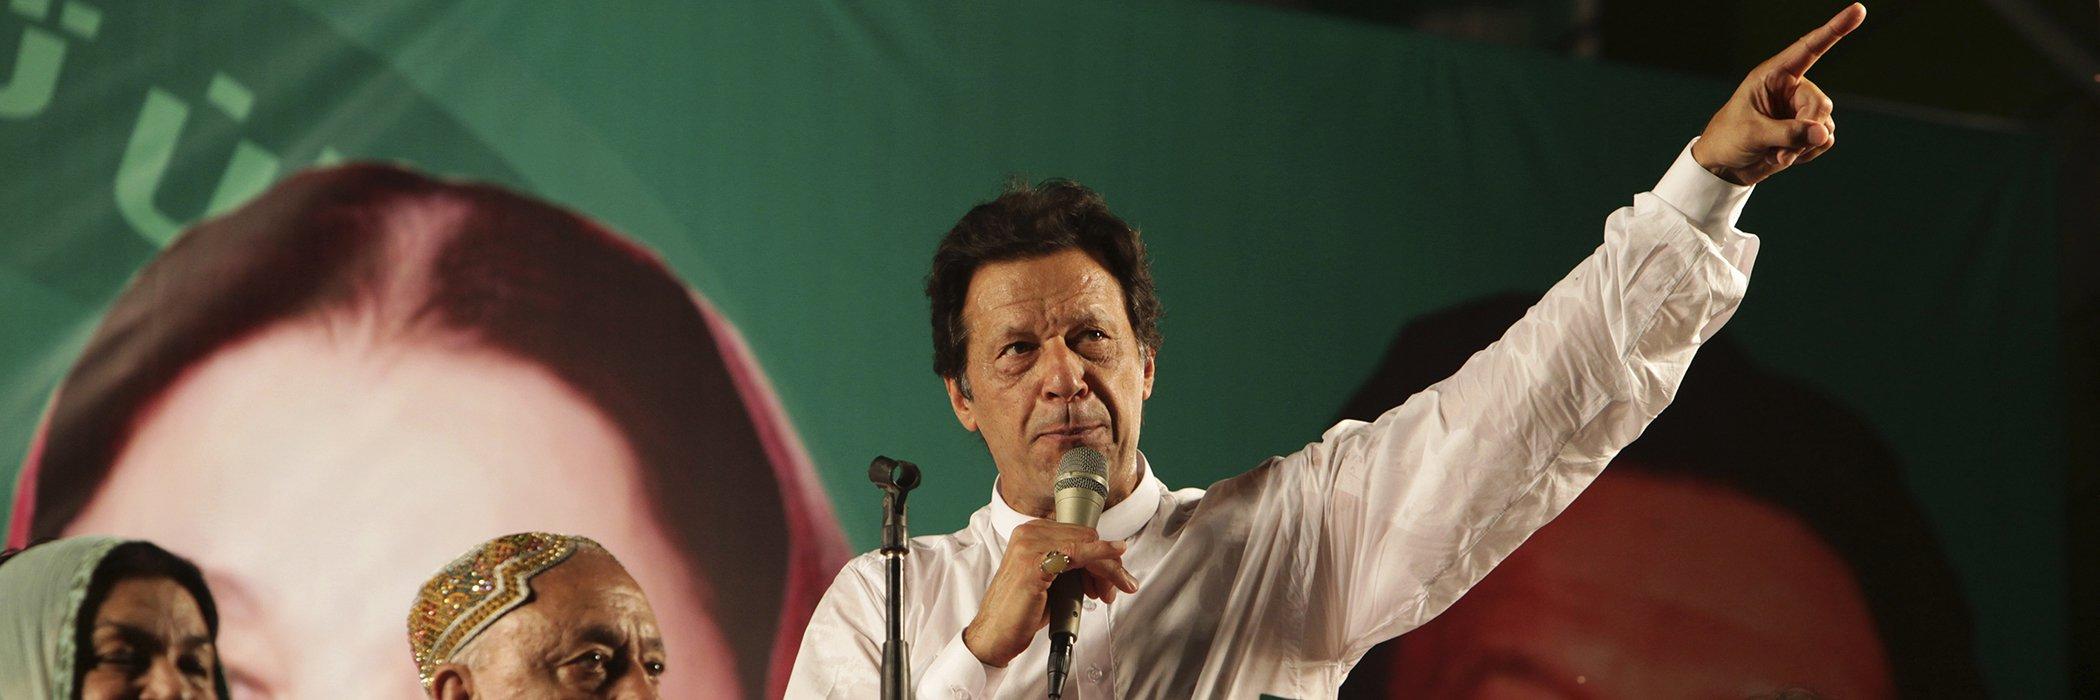 Imran-Khan-Pakistan.jpg